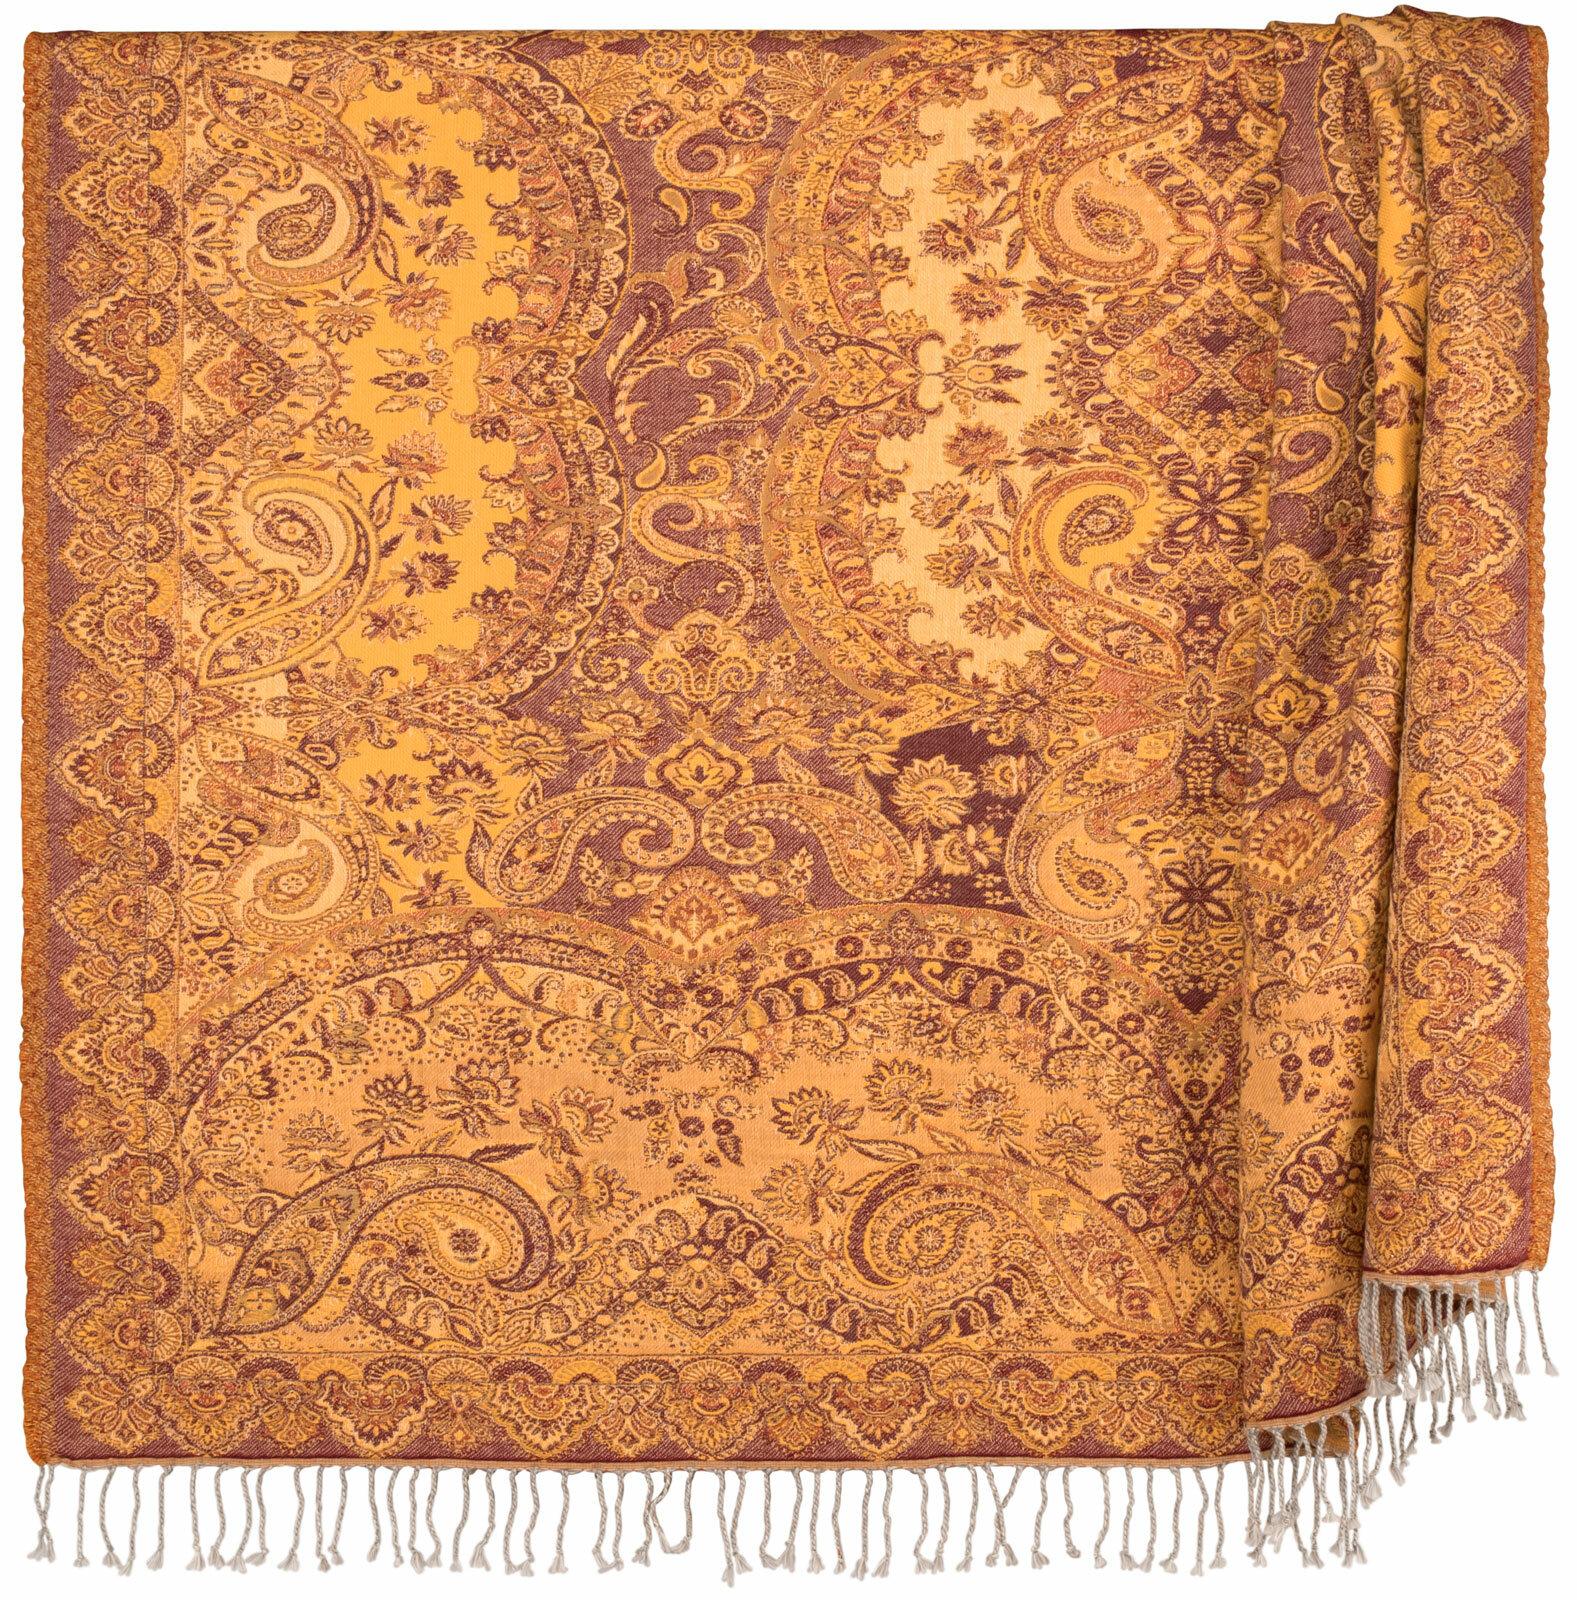 Astoria Grand Soderquist Cotton Throw Wayfair